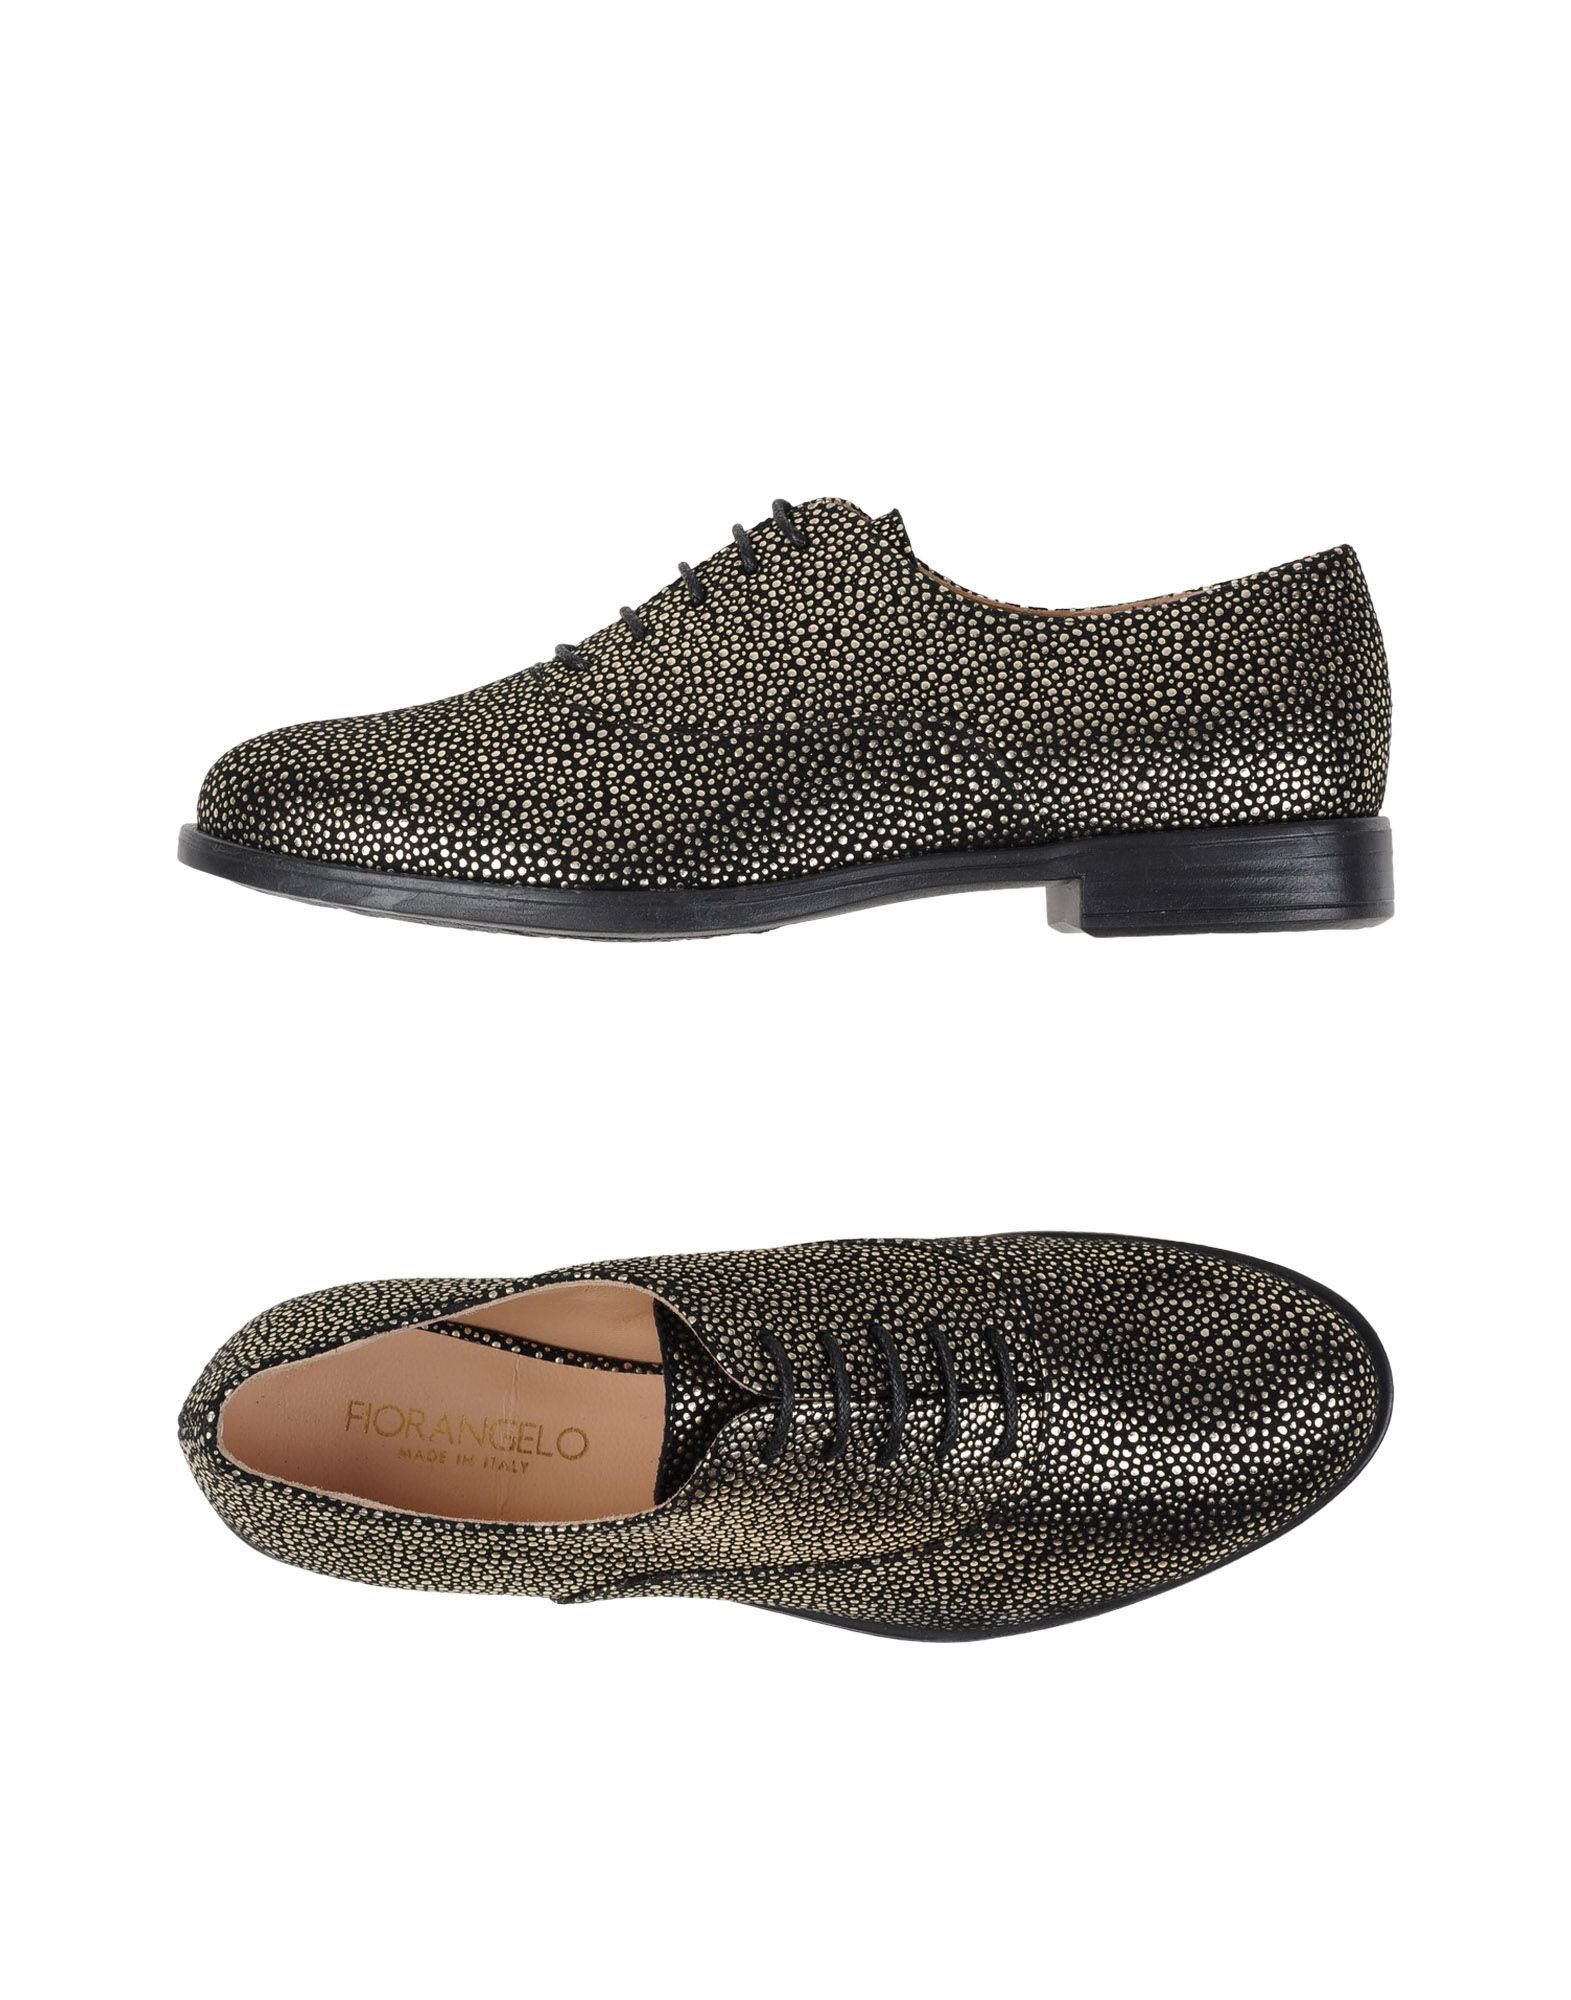 купить FIORANGELO Обувь на шнурках дешево